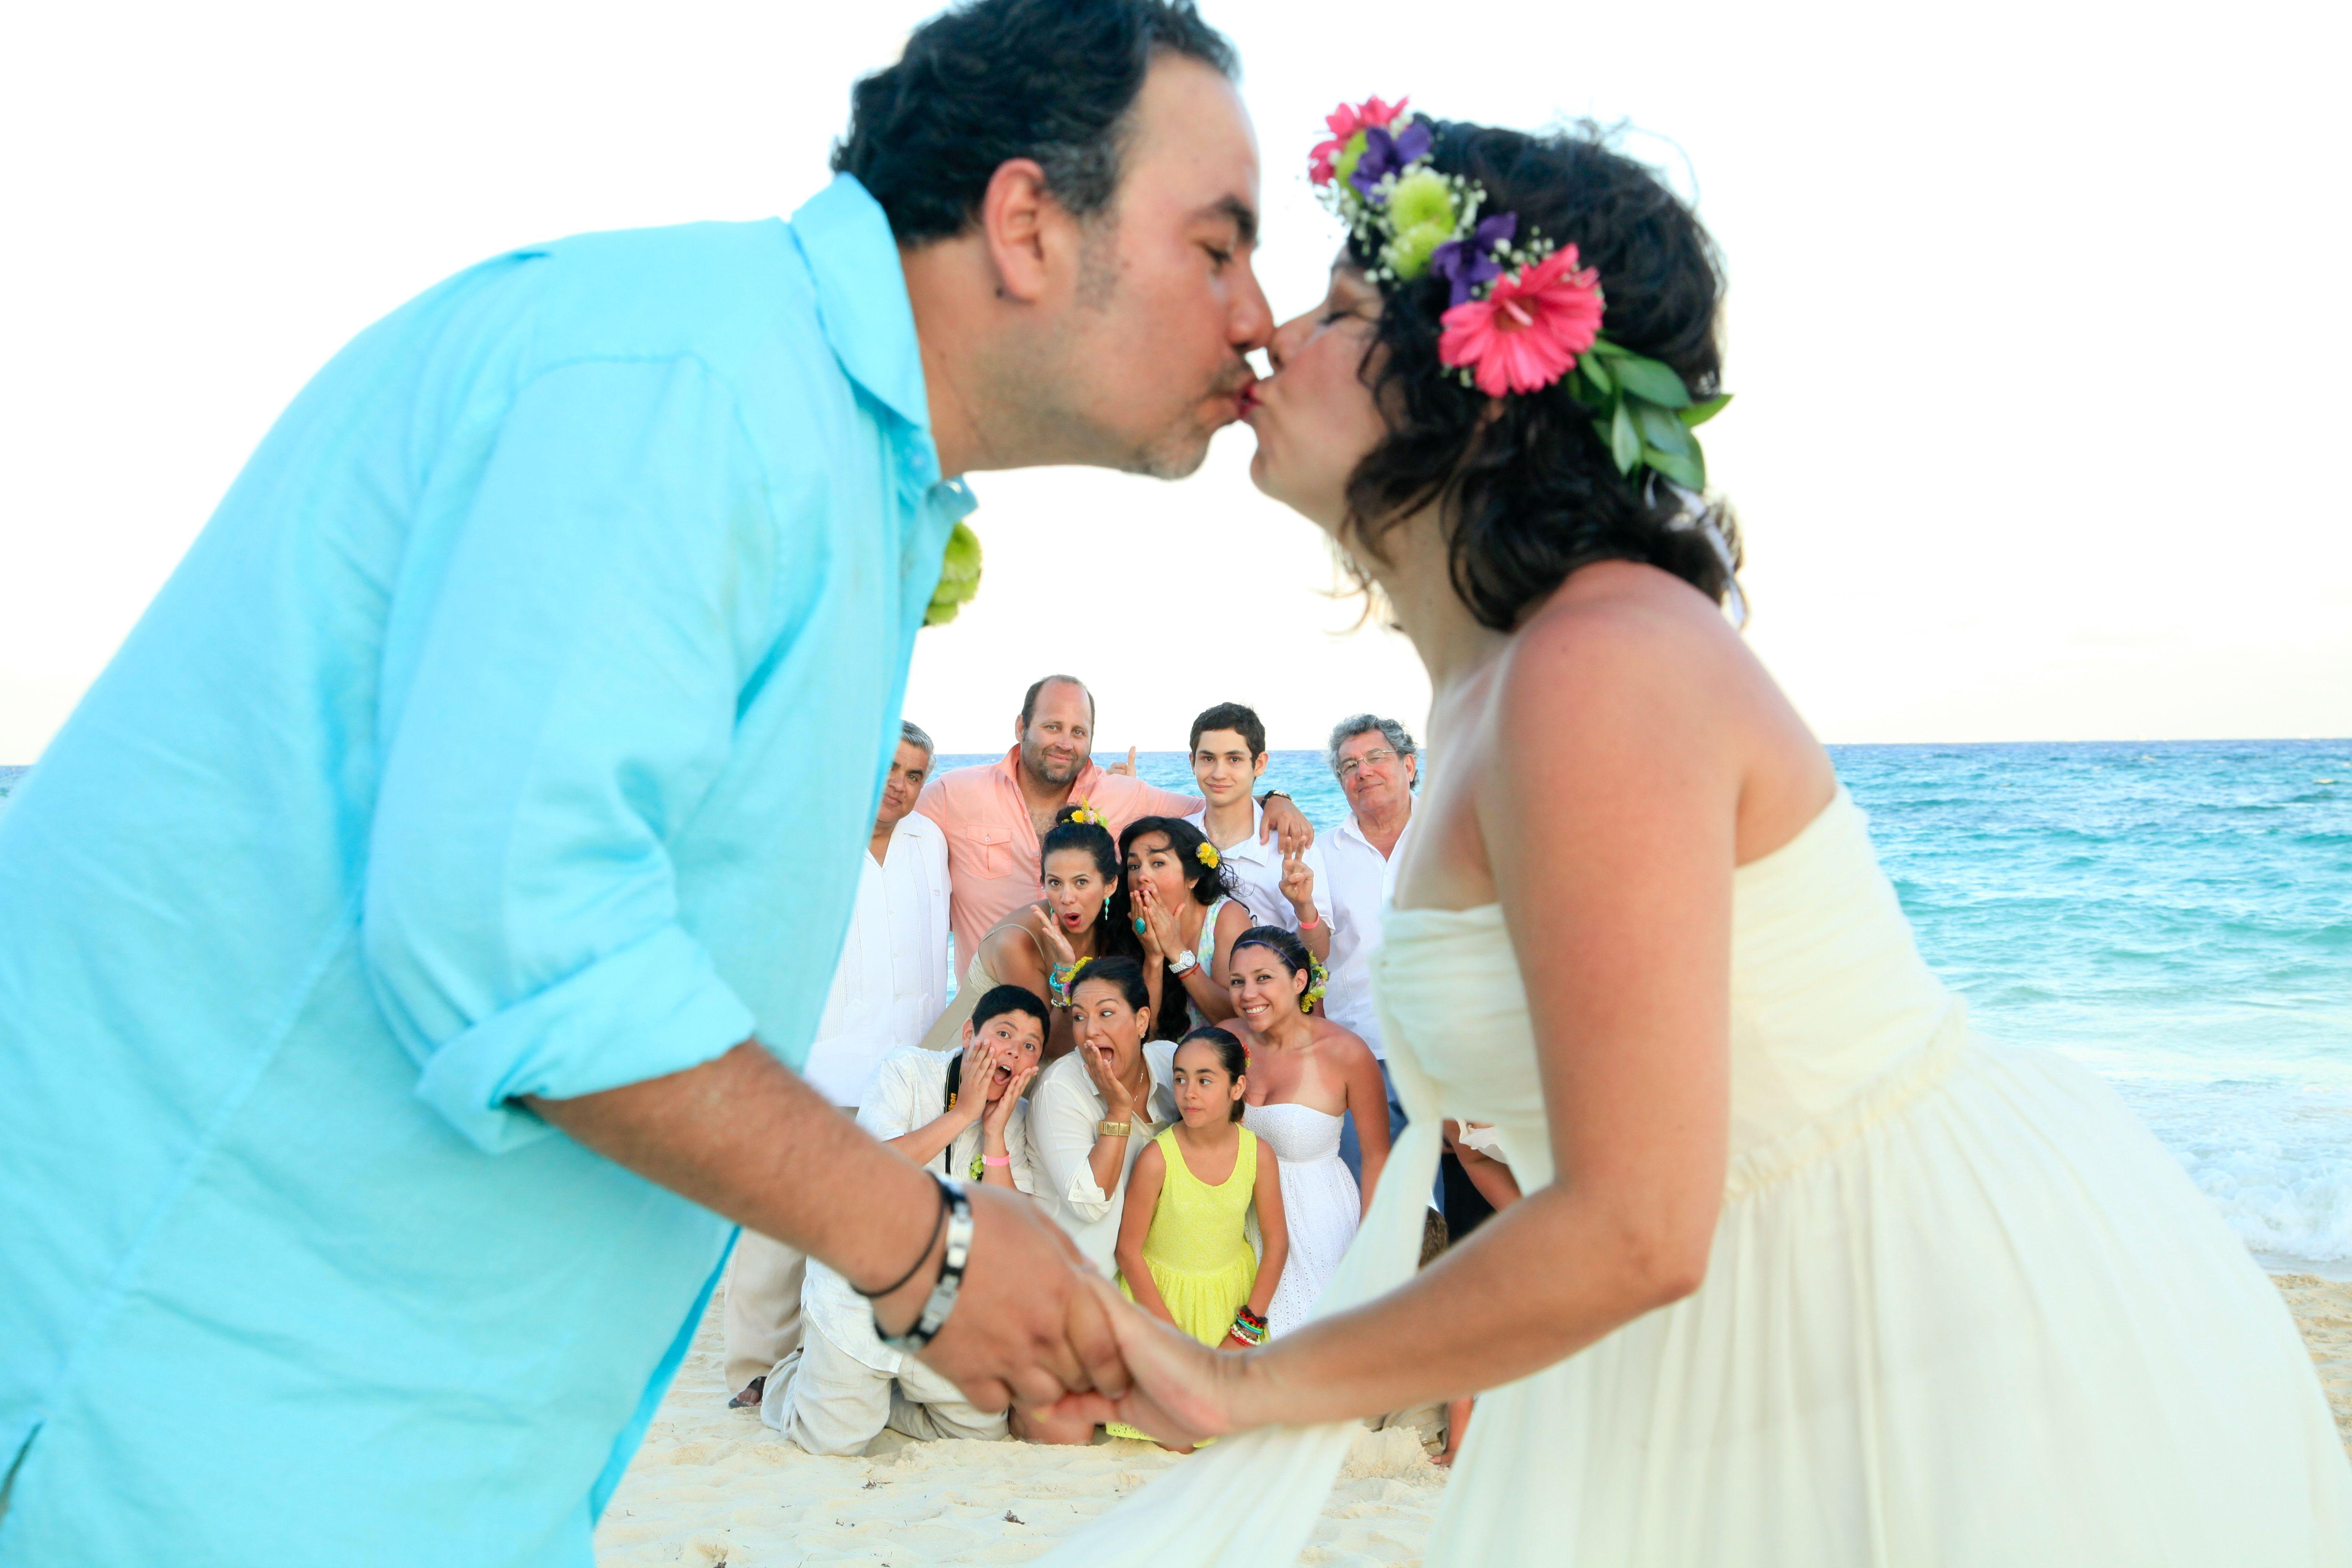 Our magical mayan ritual wedding in playa del carmen #beachwedding #Mexico #destinationwedding #playadelcarmen boda playa playa del carmen photo idea.